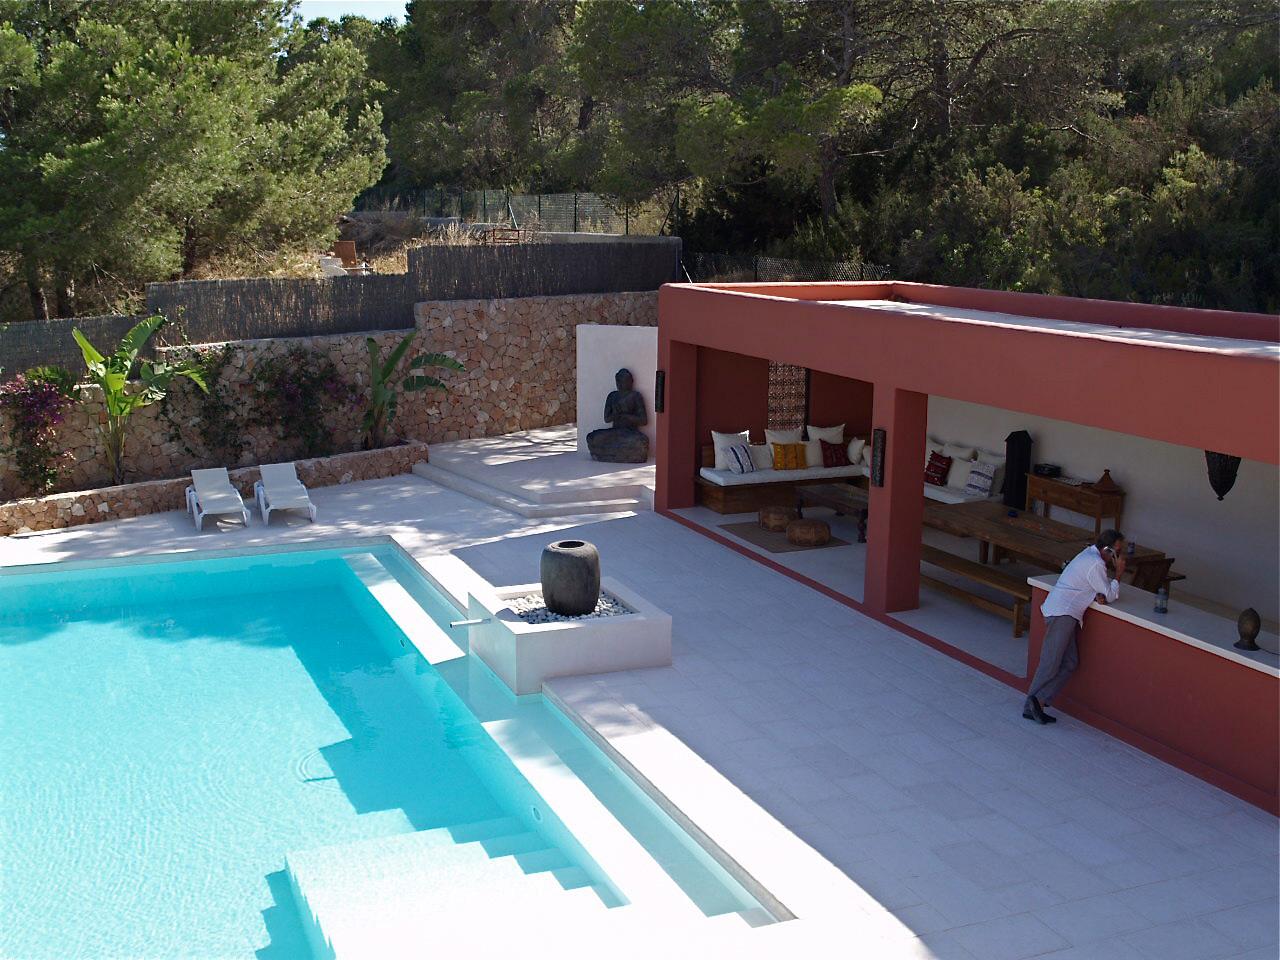 Alquiler de Villa en Cala Vadella - Ibiza (Ref. 738) - 24